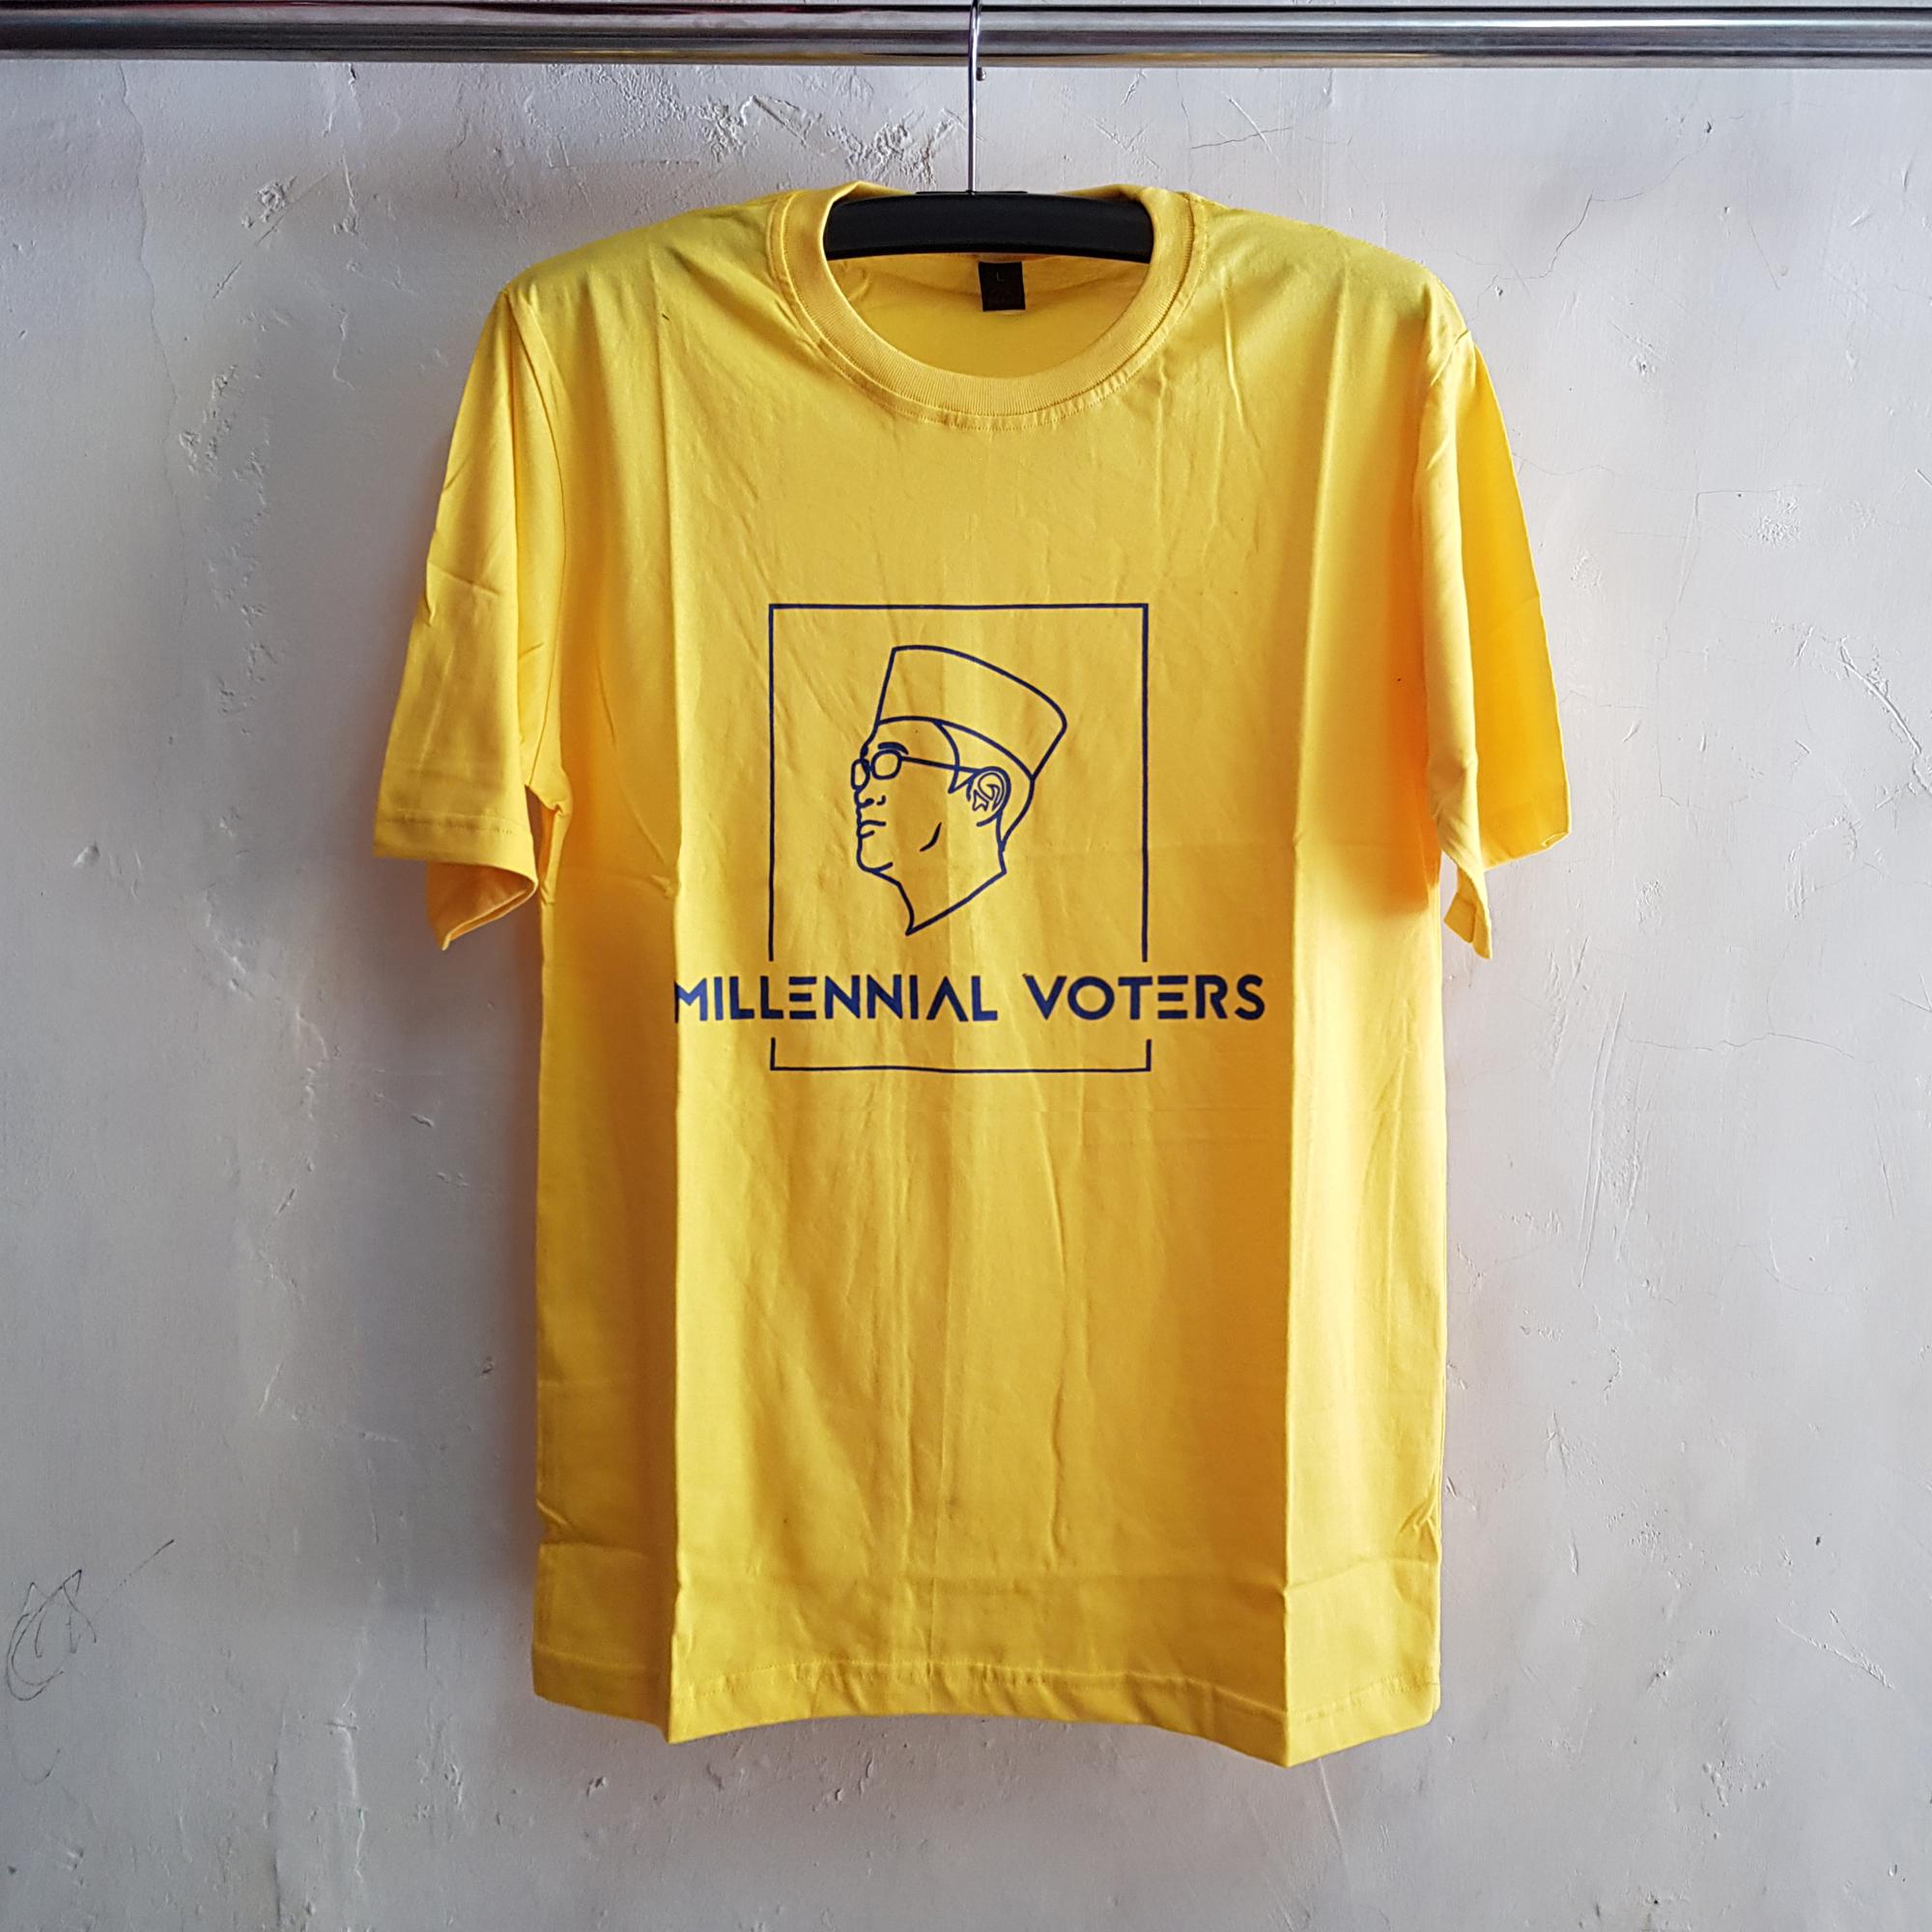 Seragam Kaos Millennial Votters, T-Shirt Oblong